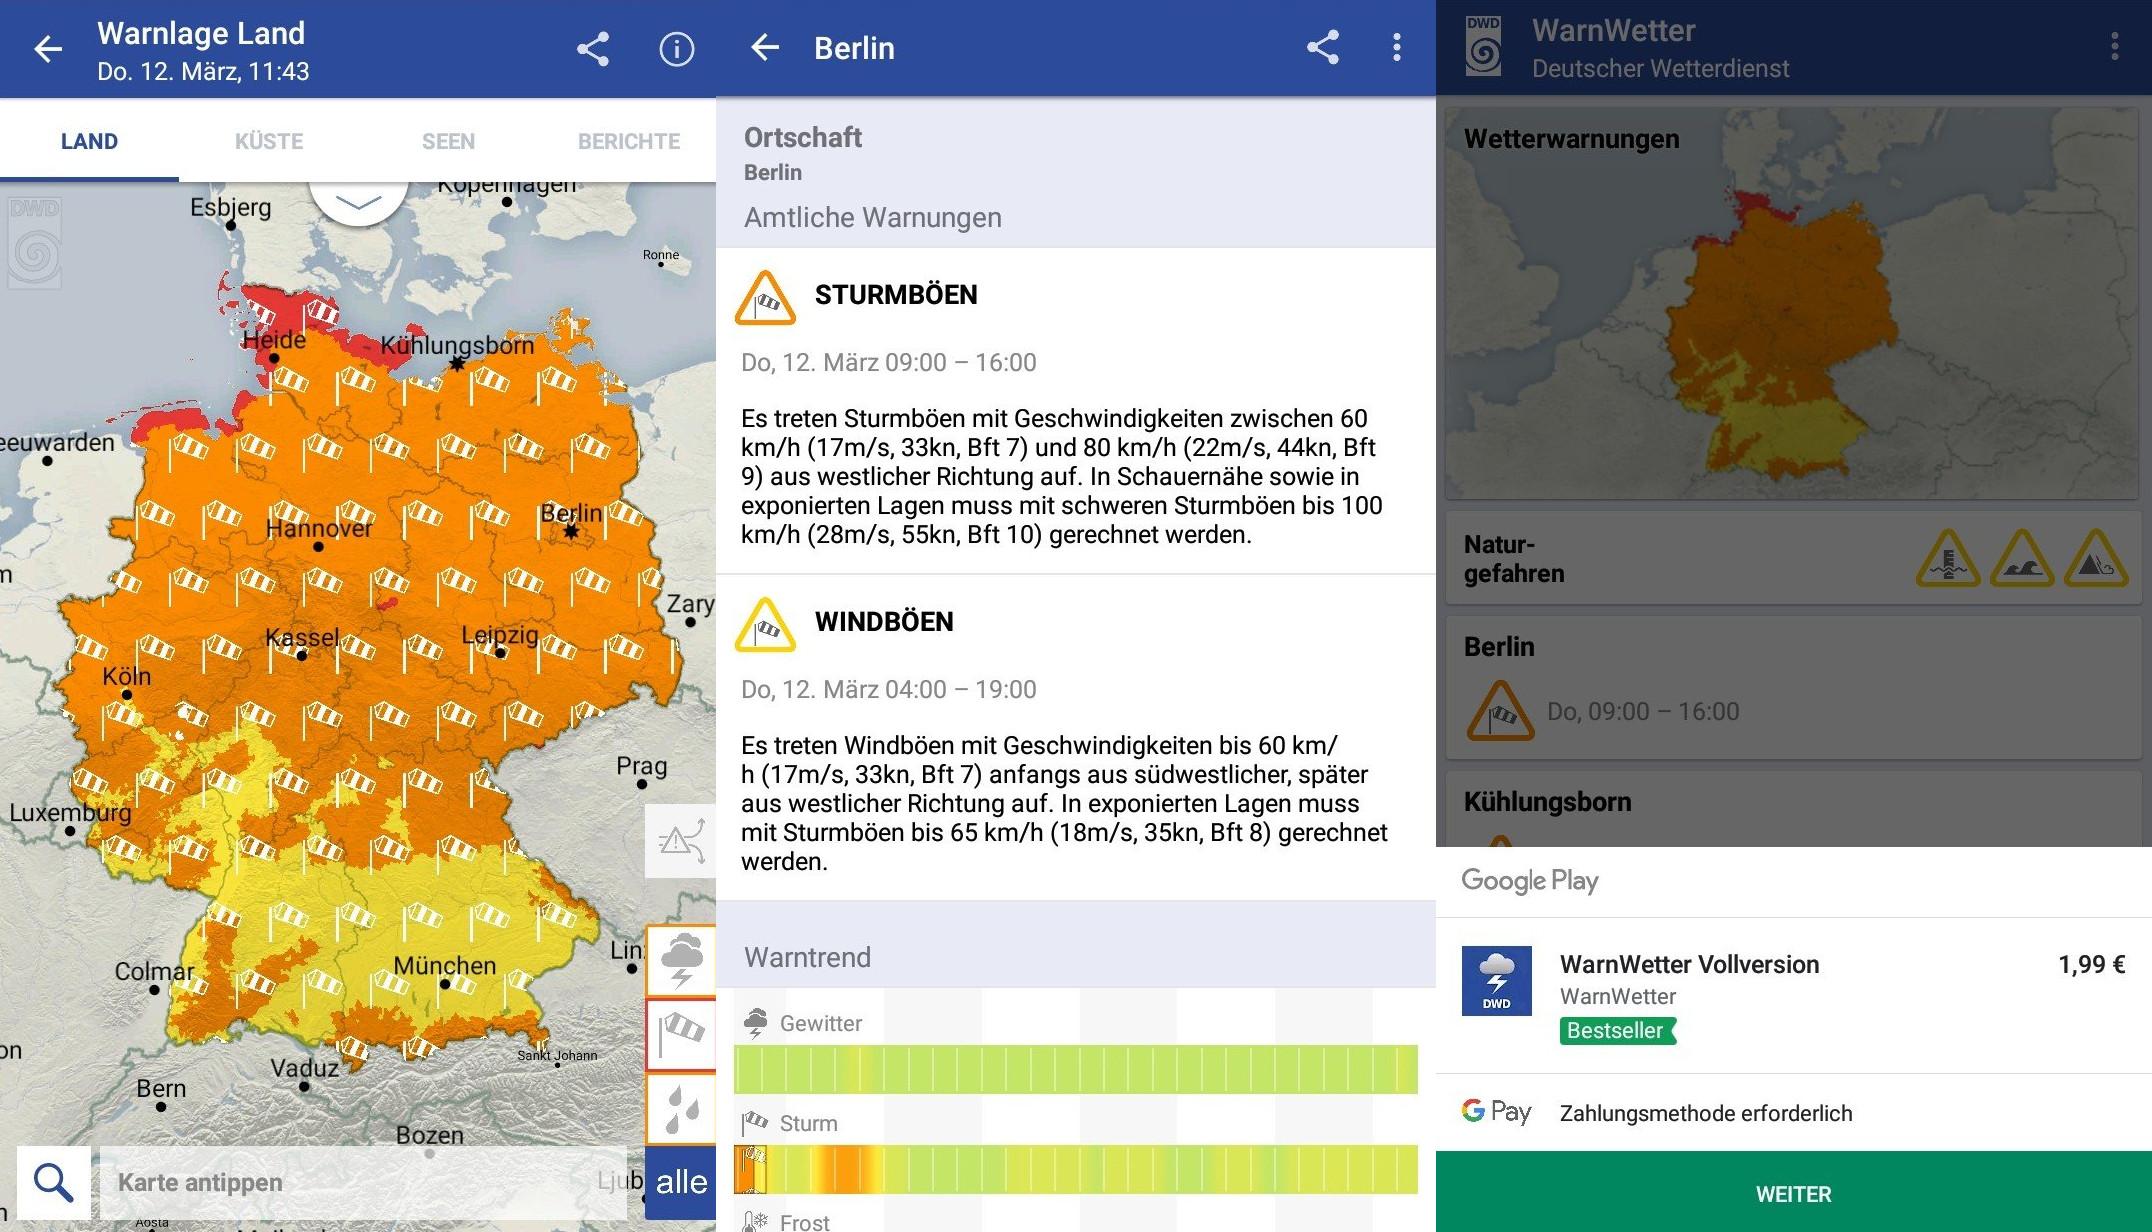 Screenshots der DWD-Warnwetter-App